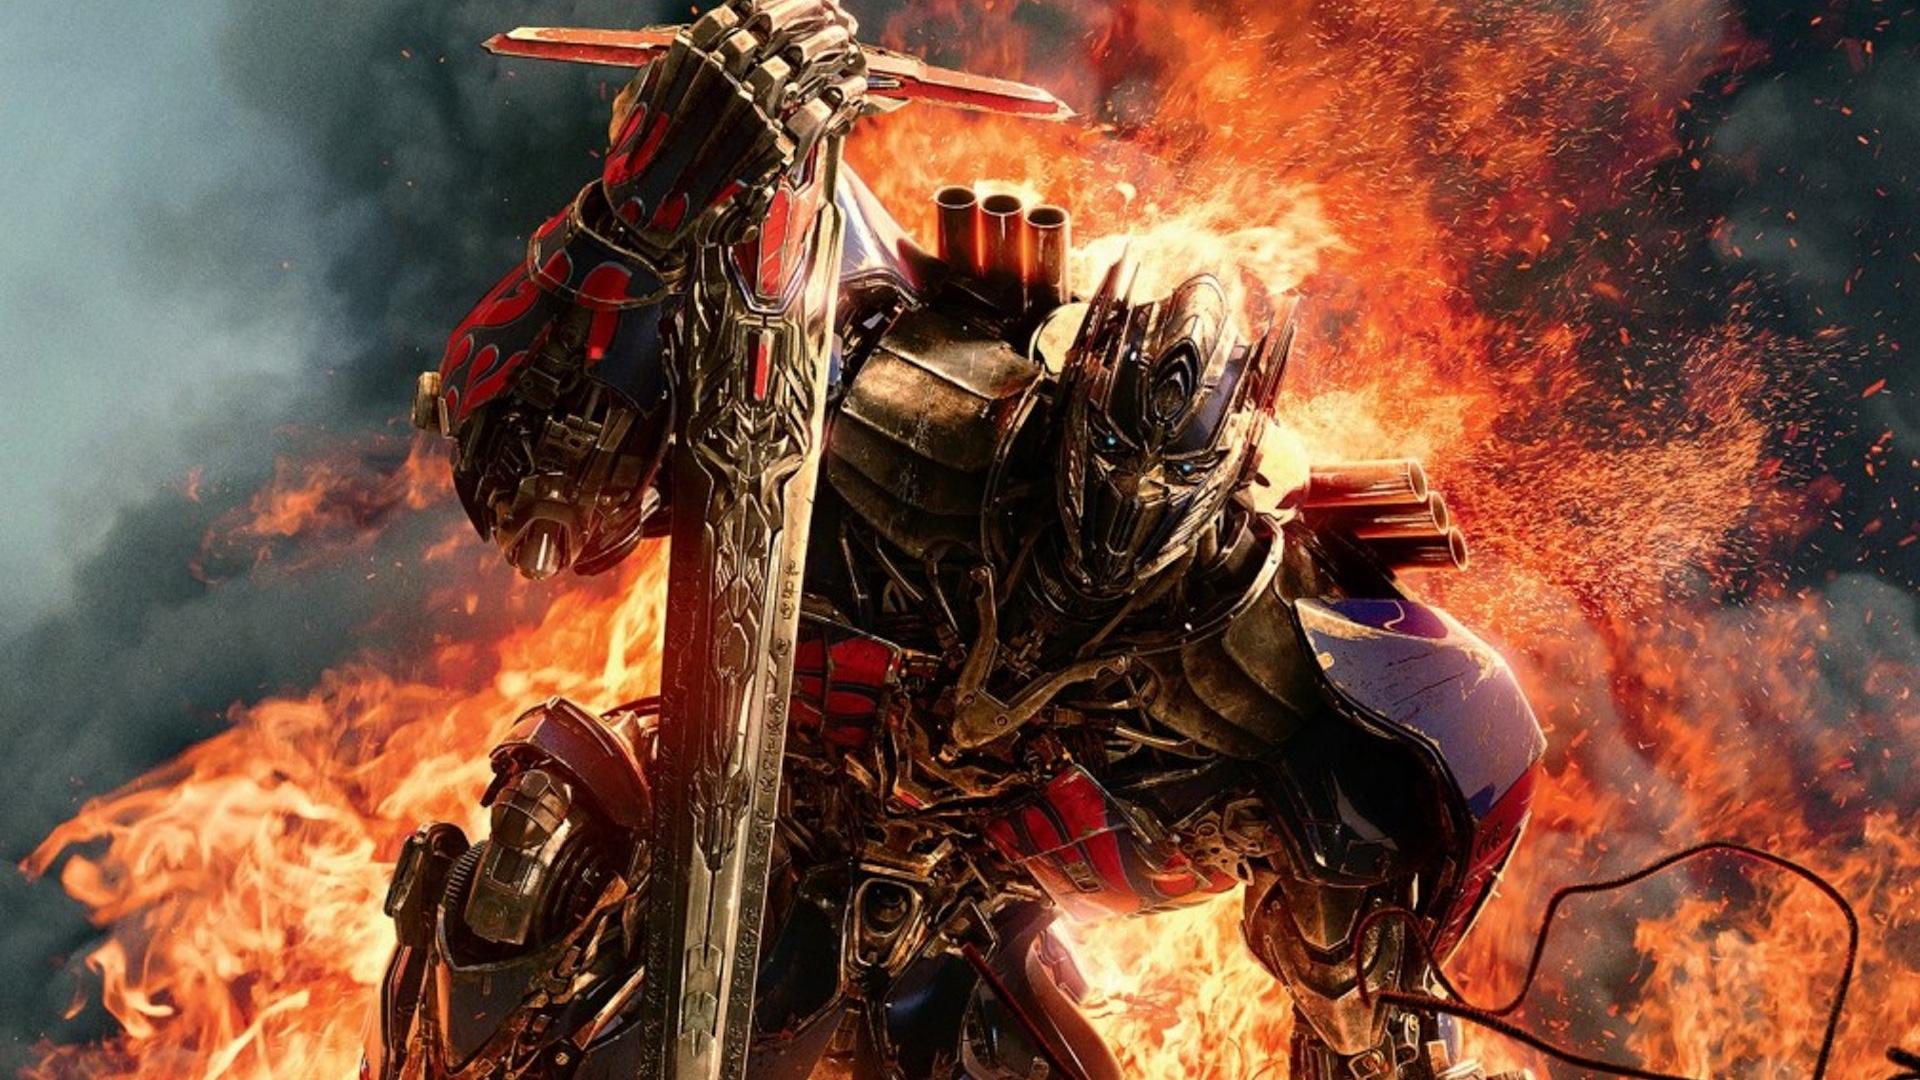 Robot Đại Chiến 5: Kỵ Sỹ Cuối Cùng, Transformers 5: The Last Knight (2017)